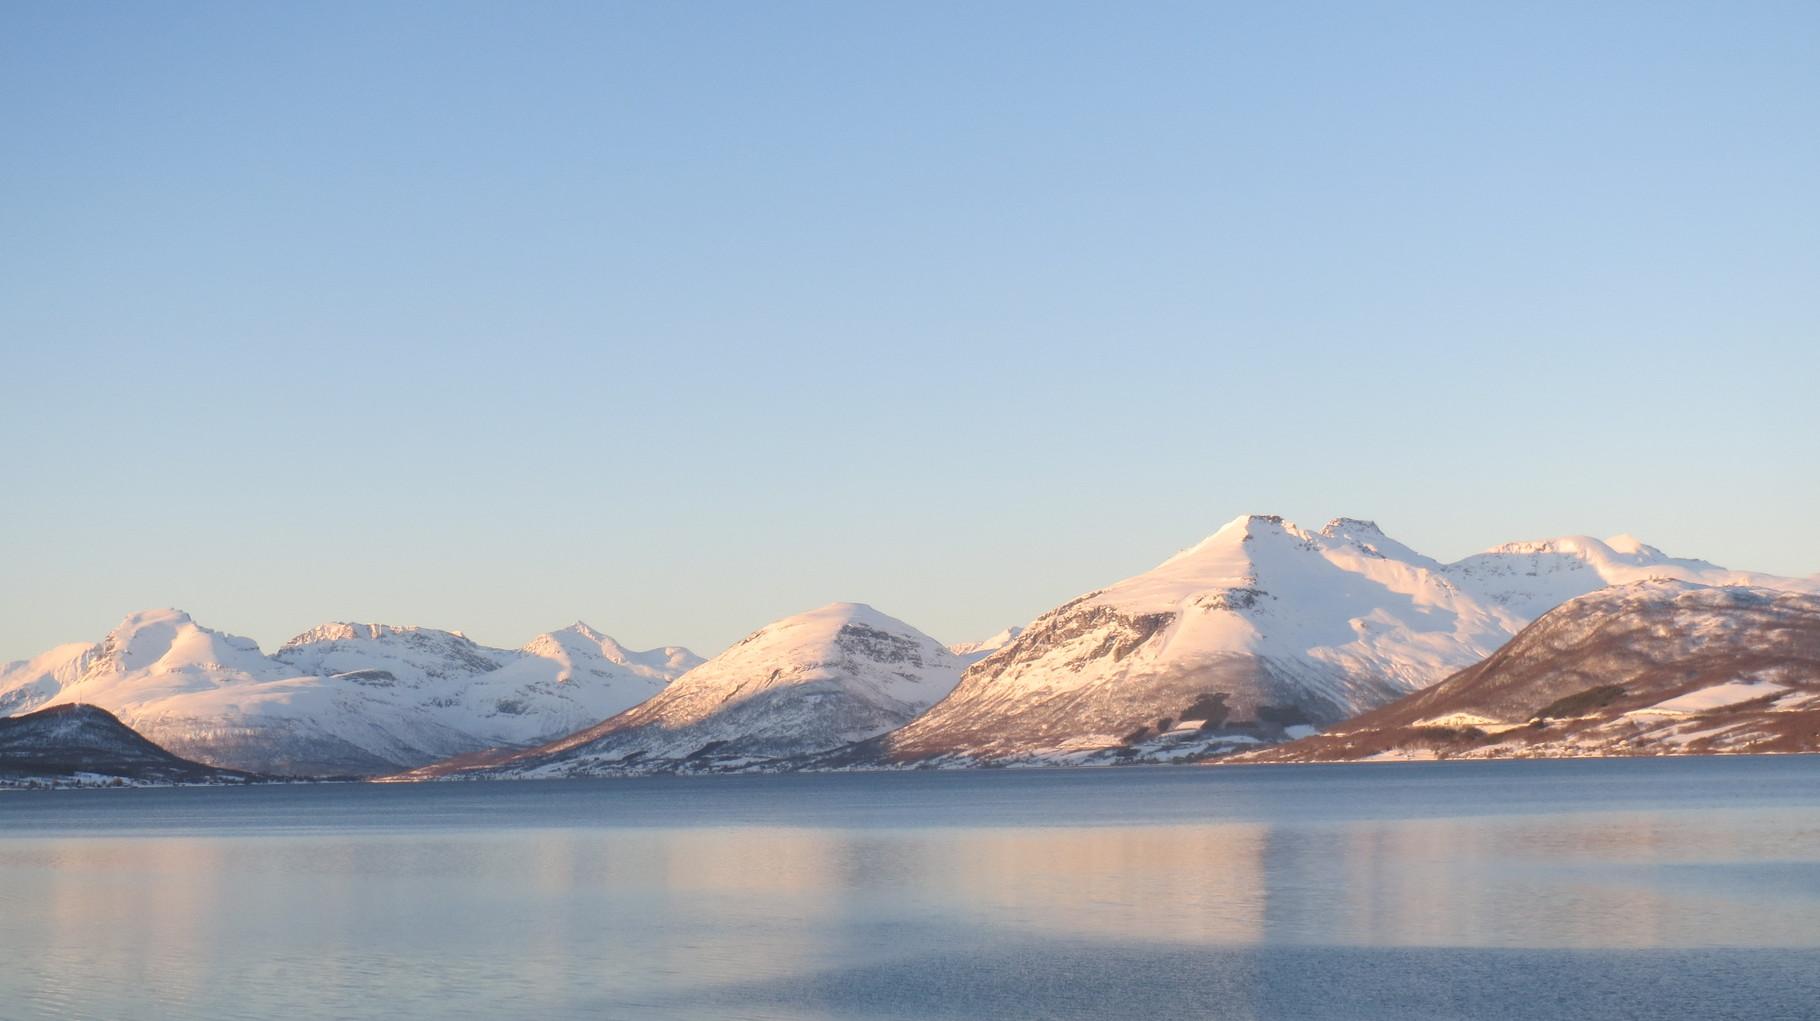 Heimwärts im Abendlicht und nach zweieinhalb Stunden Fahrt jetzt wieder gemütlich in Tromsø angekommen.